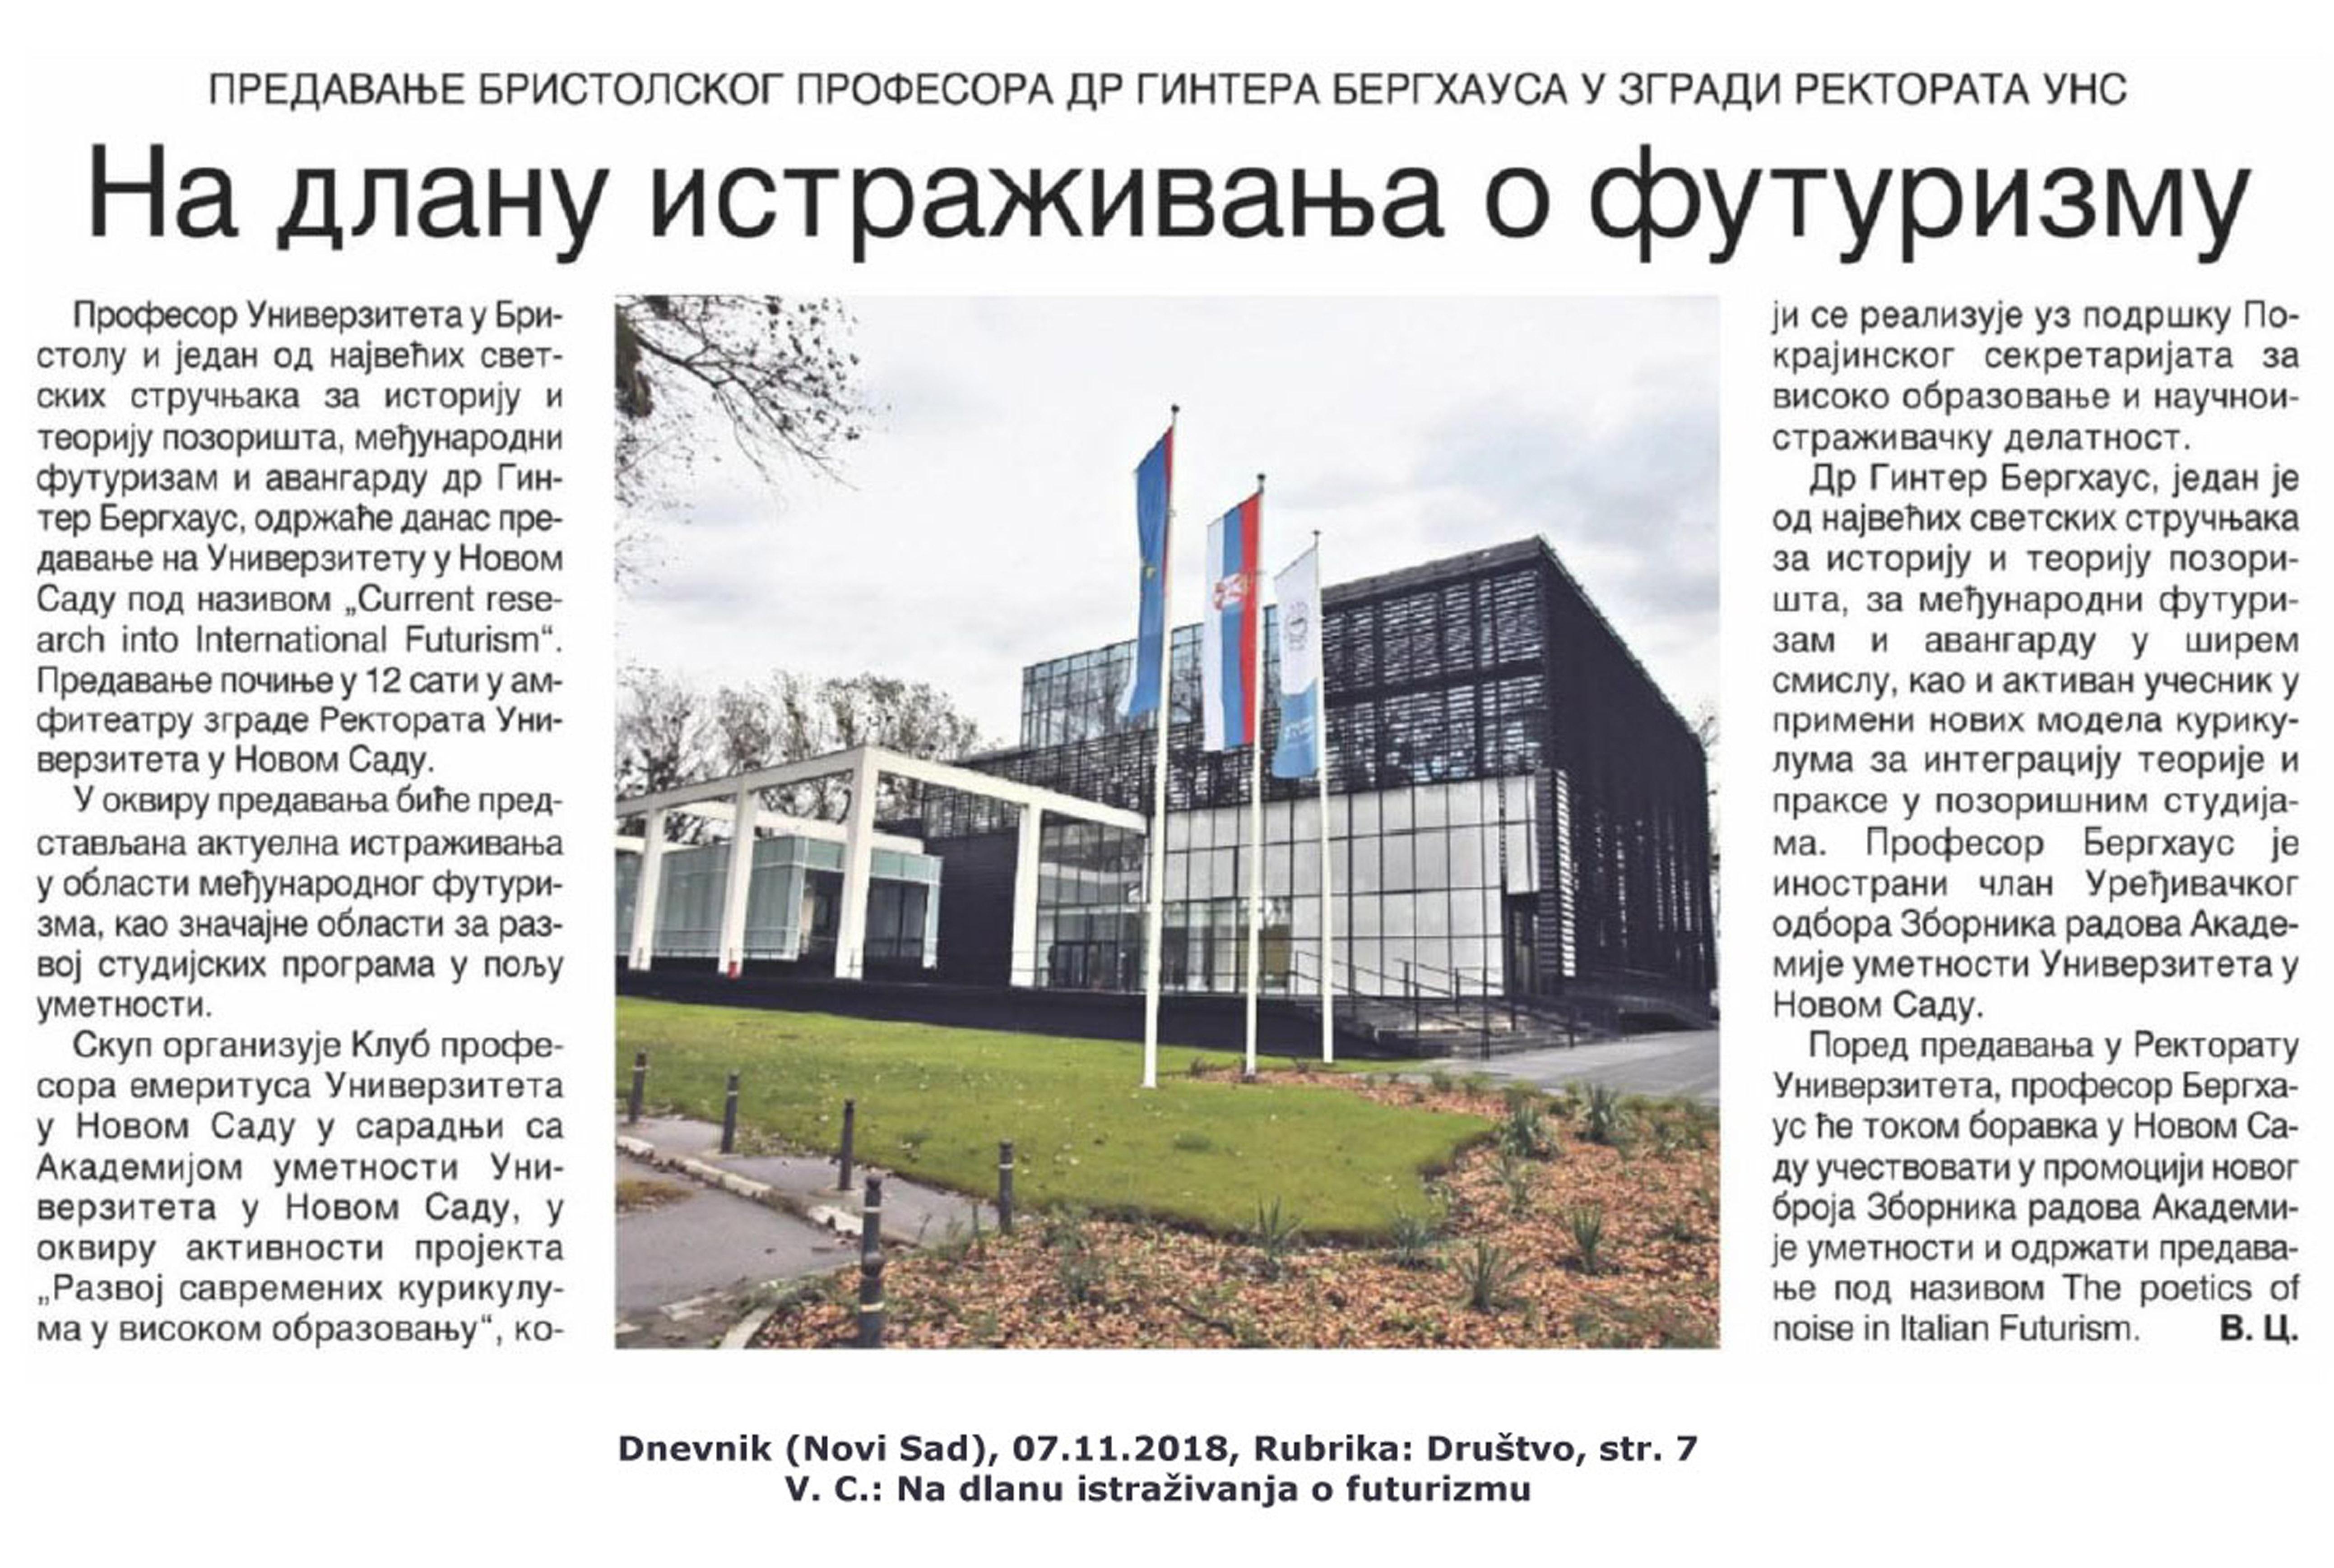 2018 Novi Sad DNEVNIK. Na dlanu istrazivanja o futurizmu_Ginter Berghaus.jpg